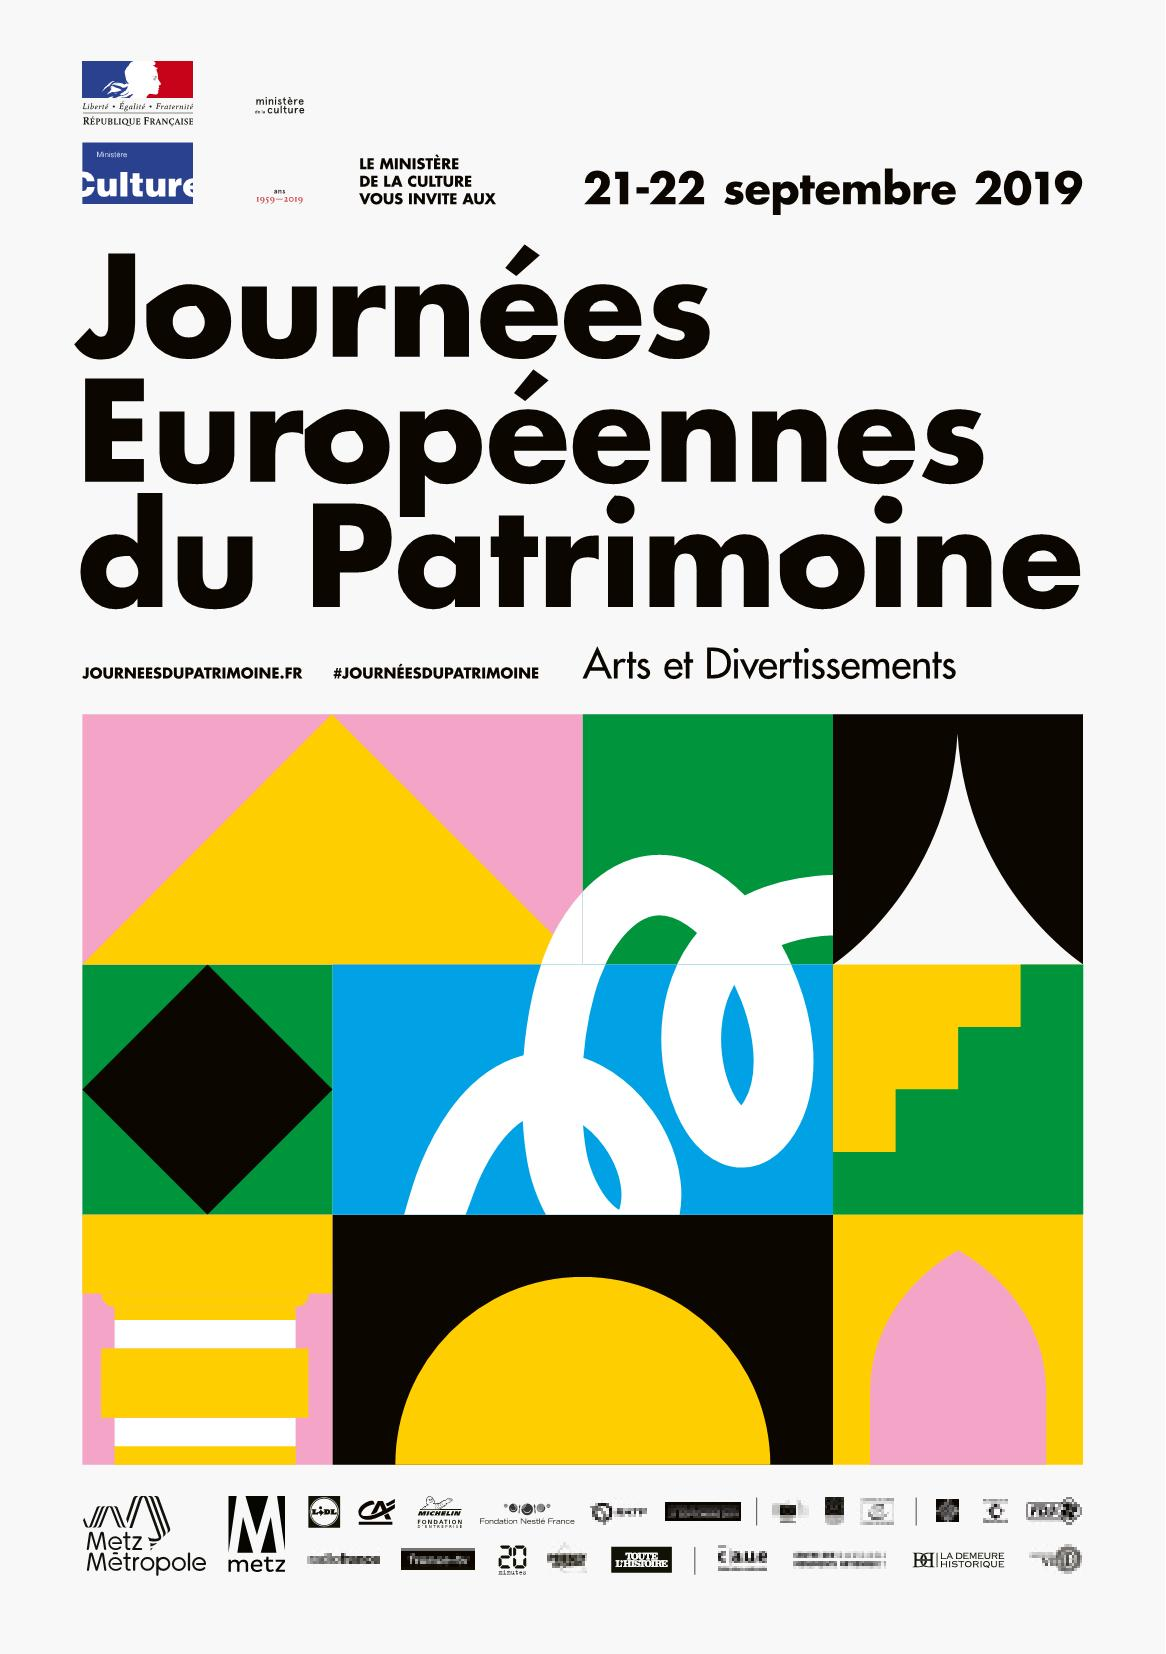 Les Journées Européennes du Patrimoine Metz 2019